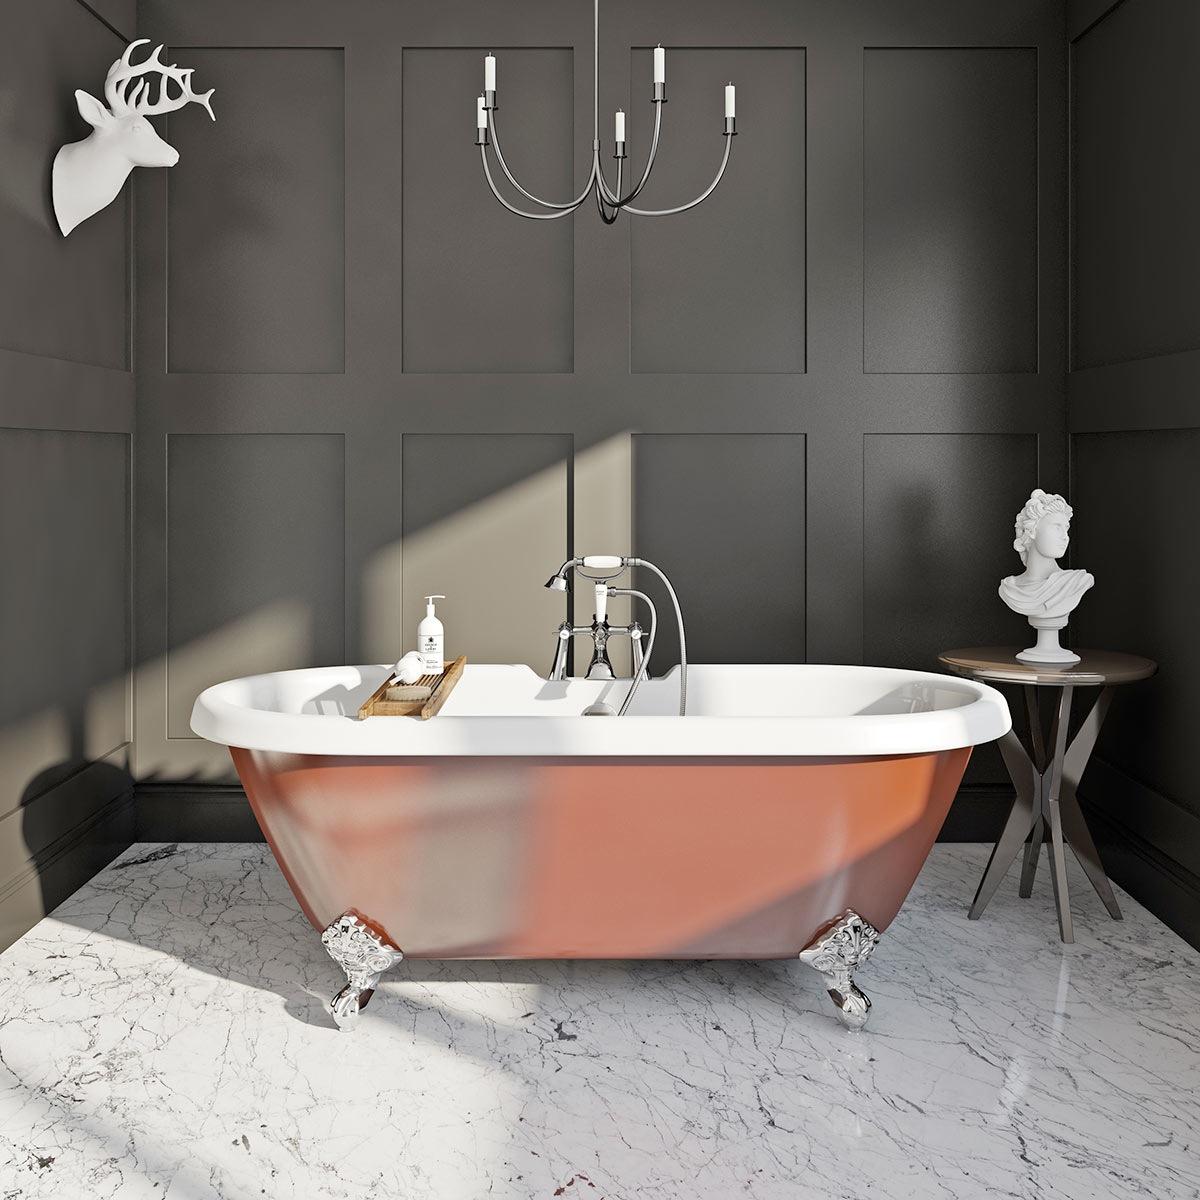 Russet coloured bath